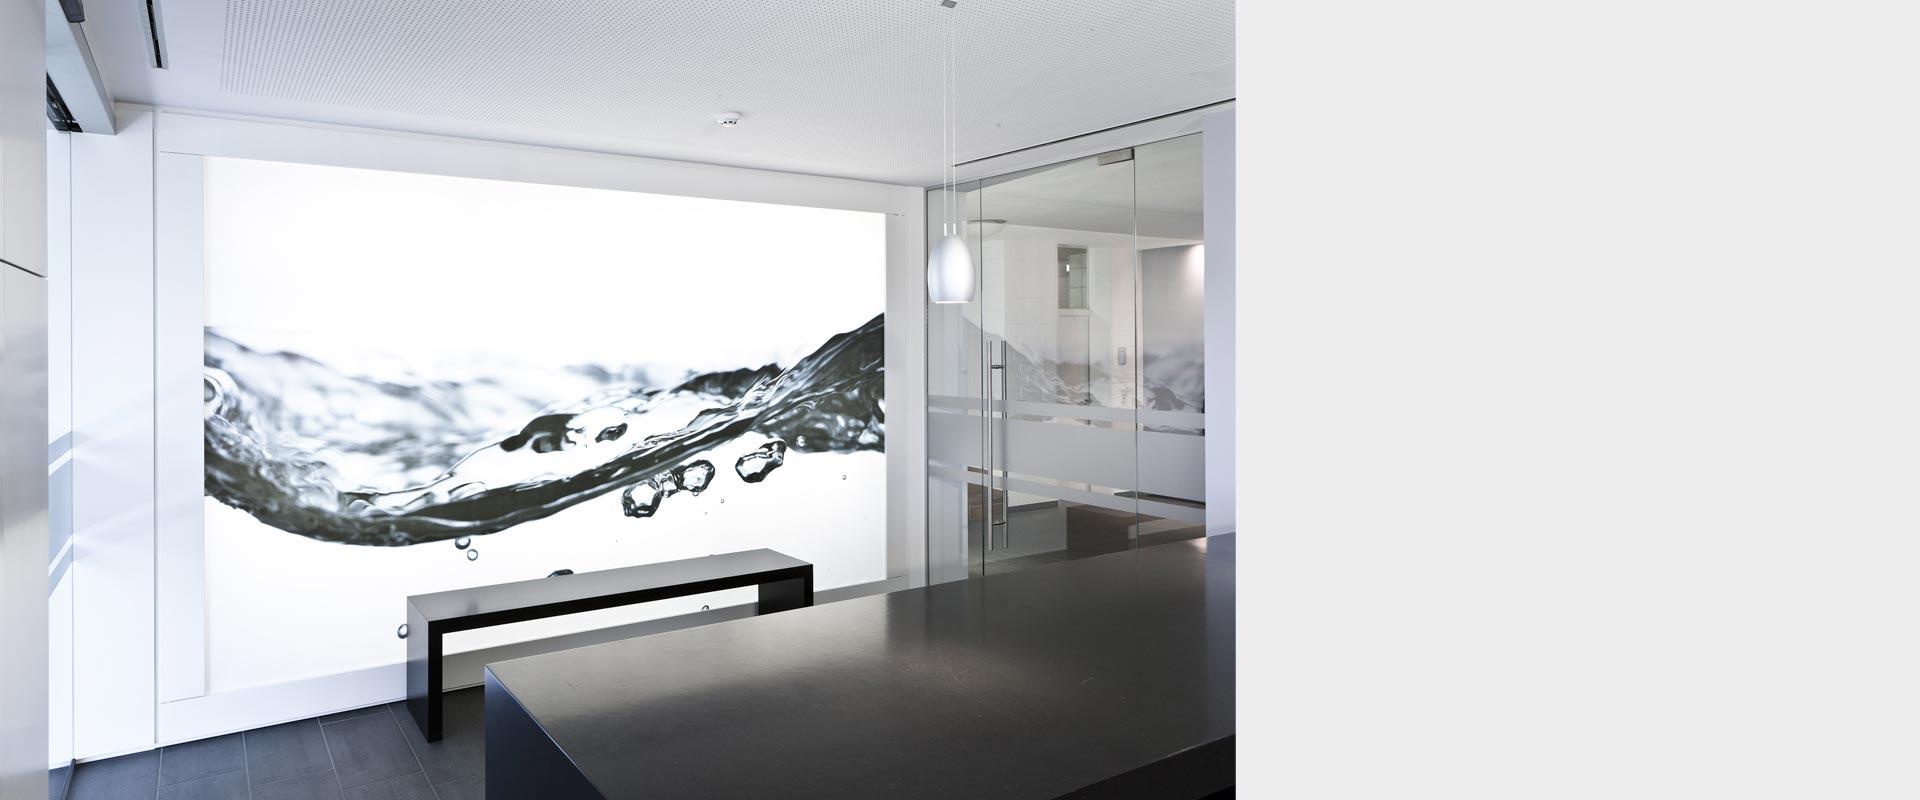 architekturbuero_henning_musahl_waldshut_stadtwerke02